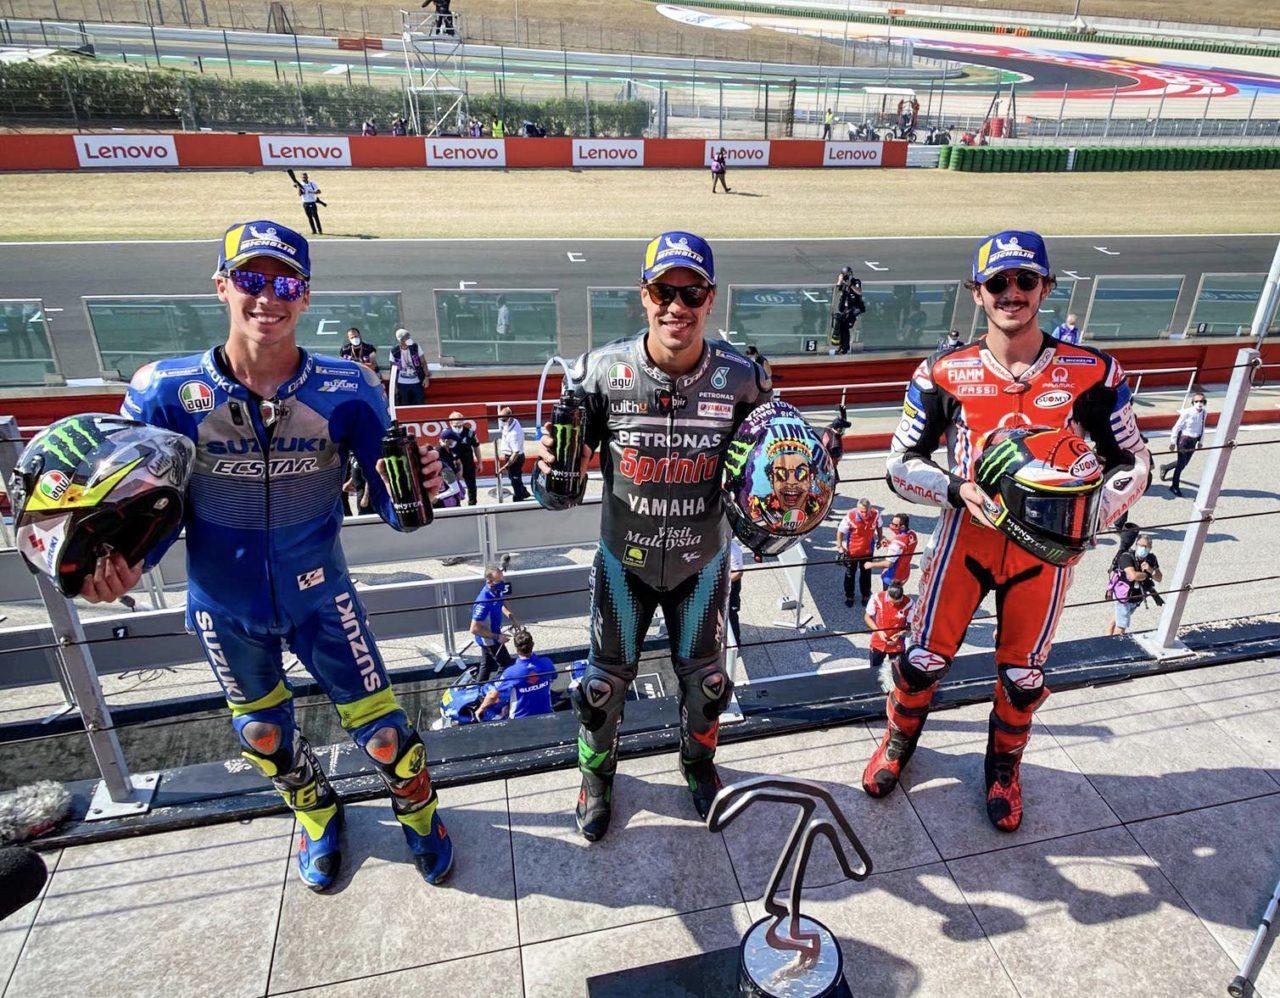 ГП Сан-Марино 2020: подиум MotoGP